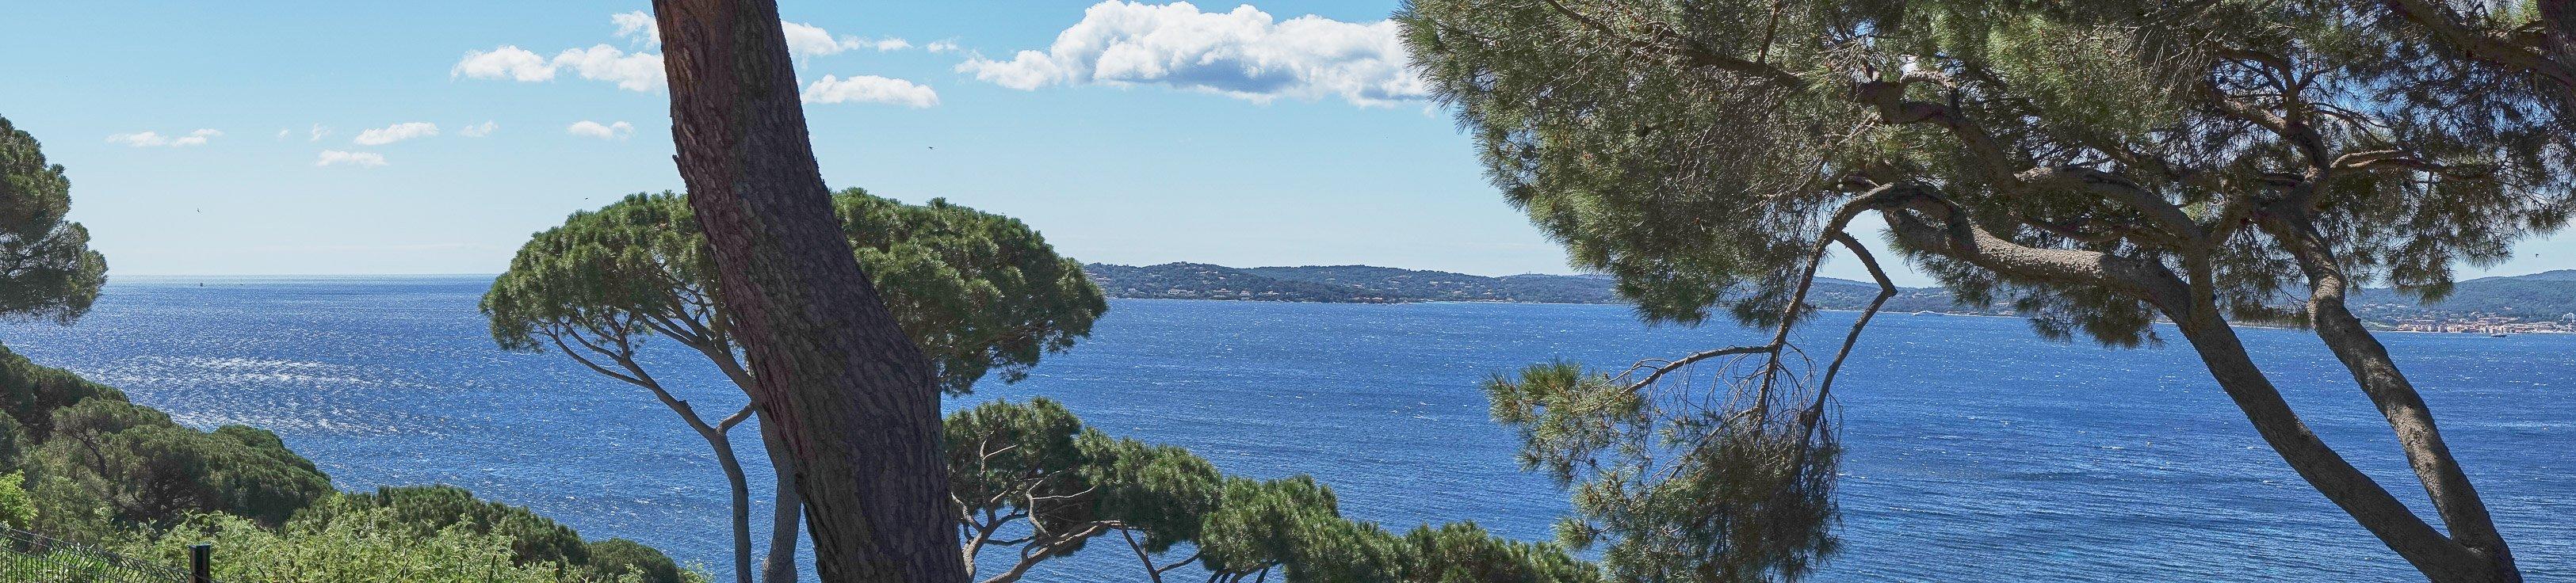 Der tolle Blick von der Terrasse der Villa Cactus 2 auf den Golf von St. Tropez in Südfrankreich